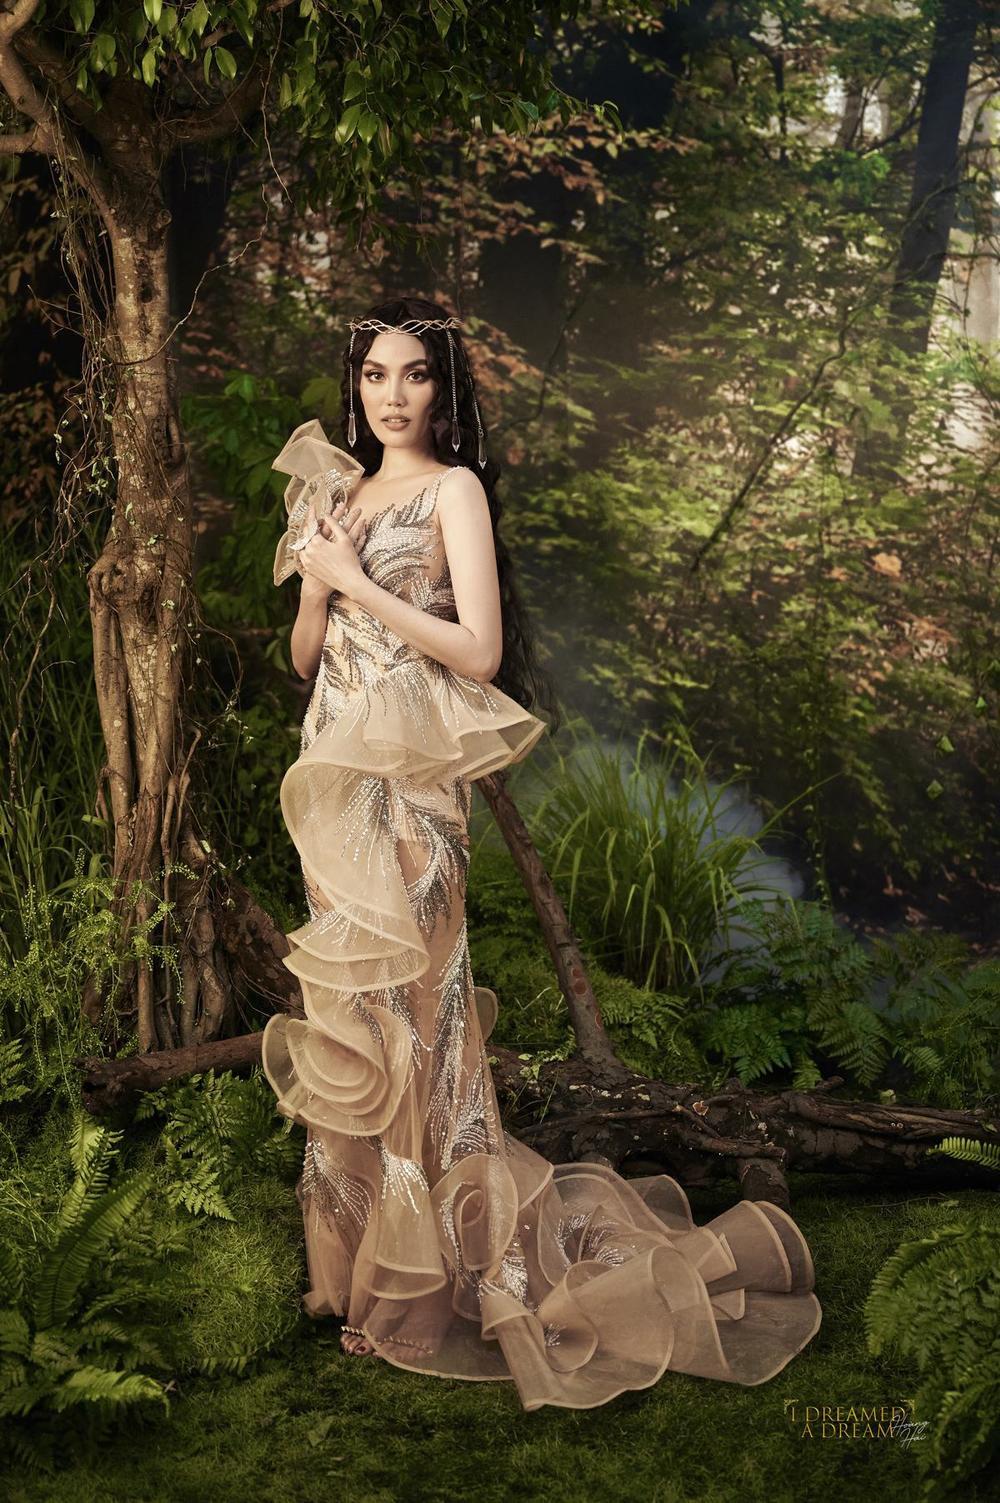 Lan Khuê hóa nữ thần rừng quyền uy, thần thái đỉnh cao đầy mị lực Ảnh 5